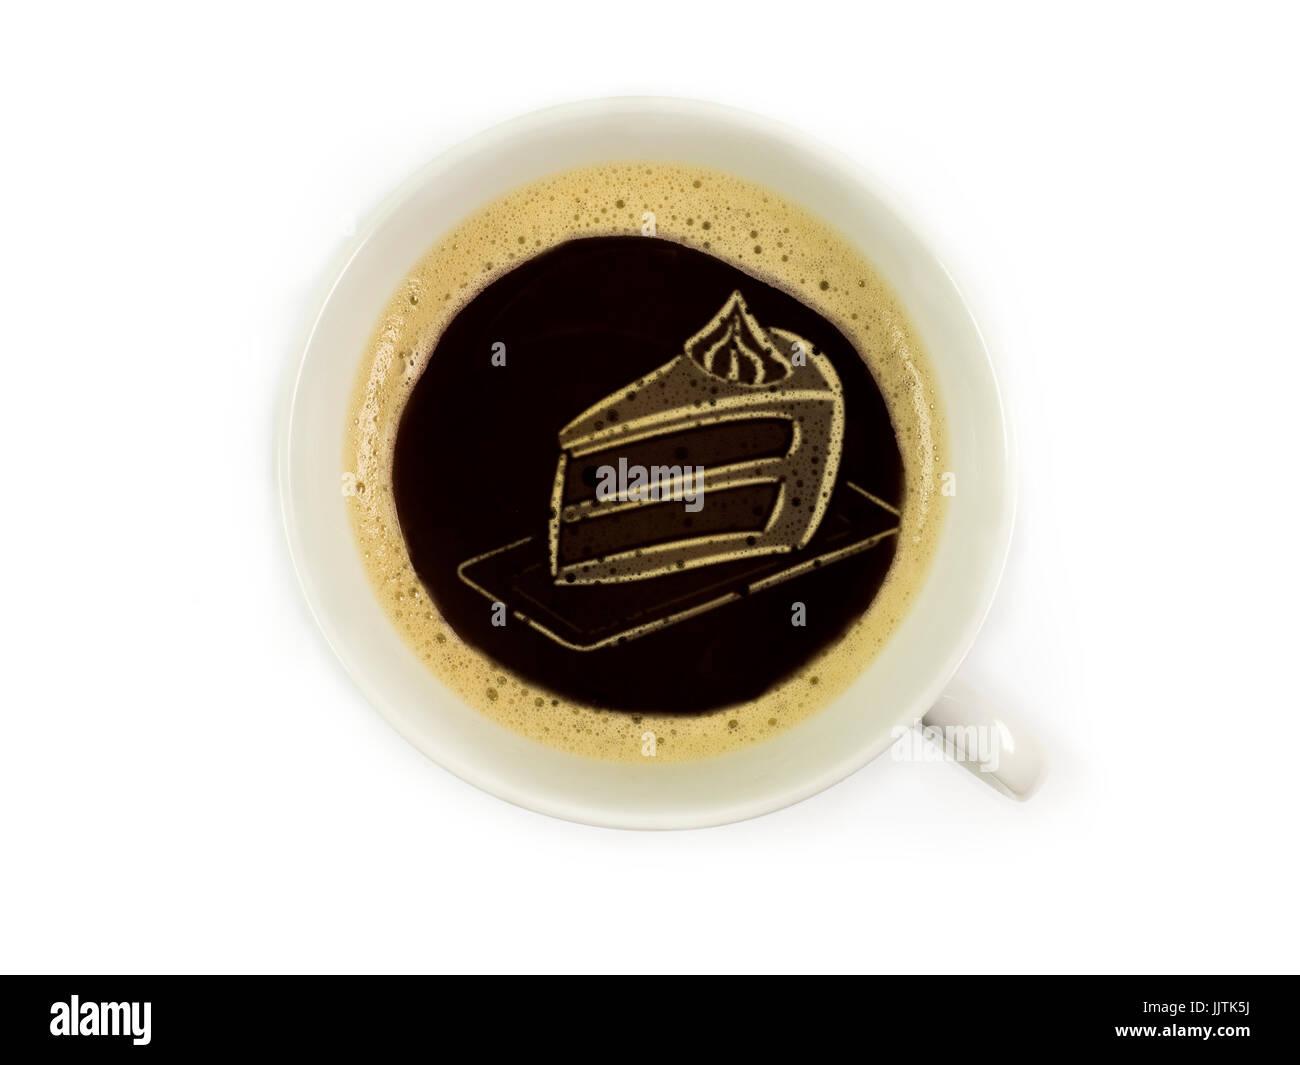 Torte im Kaffeeschaum - Stock Image